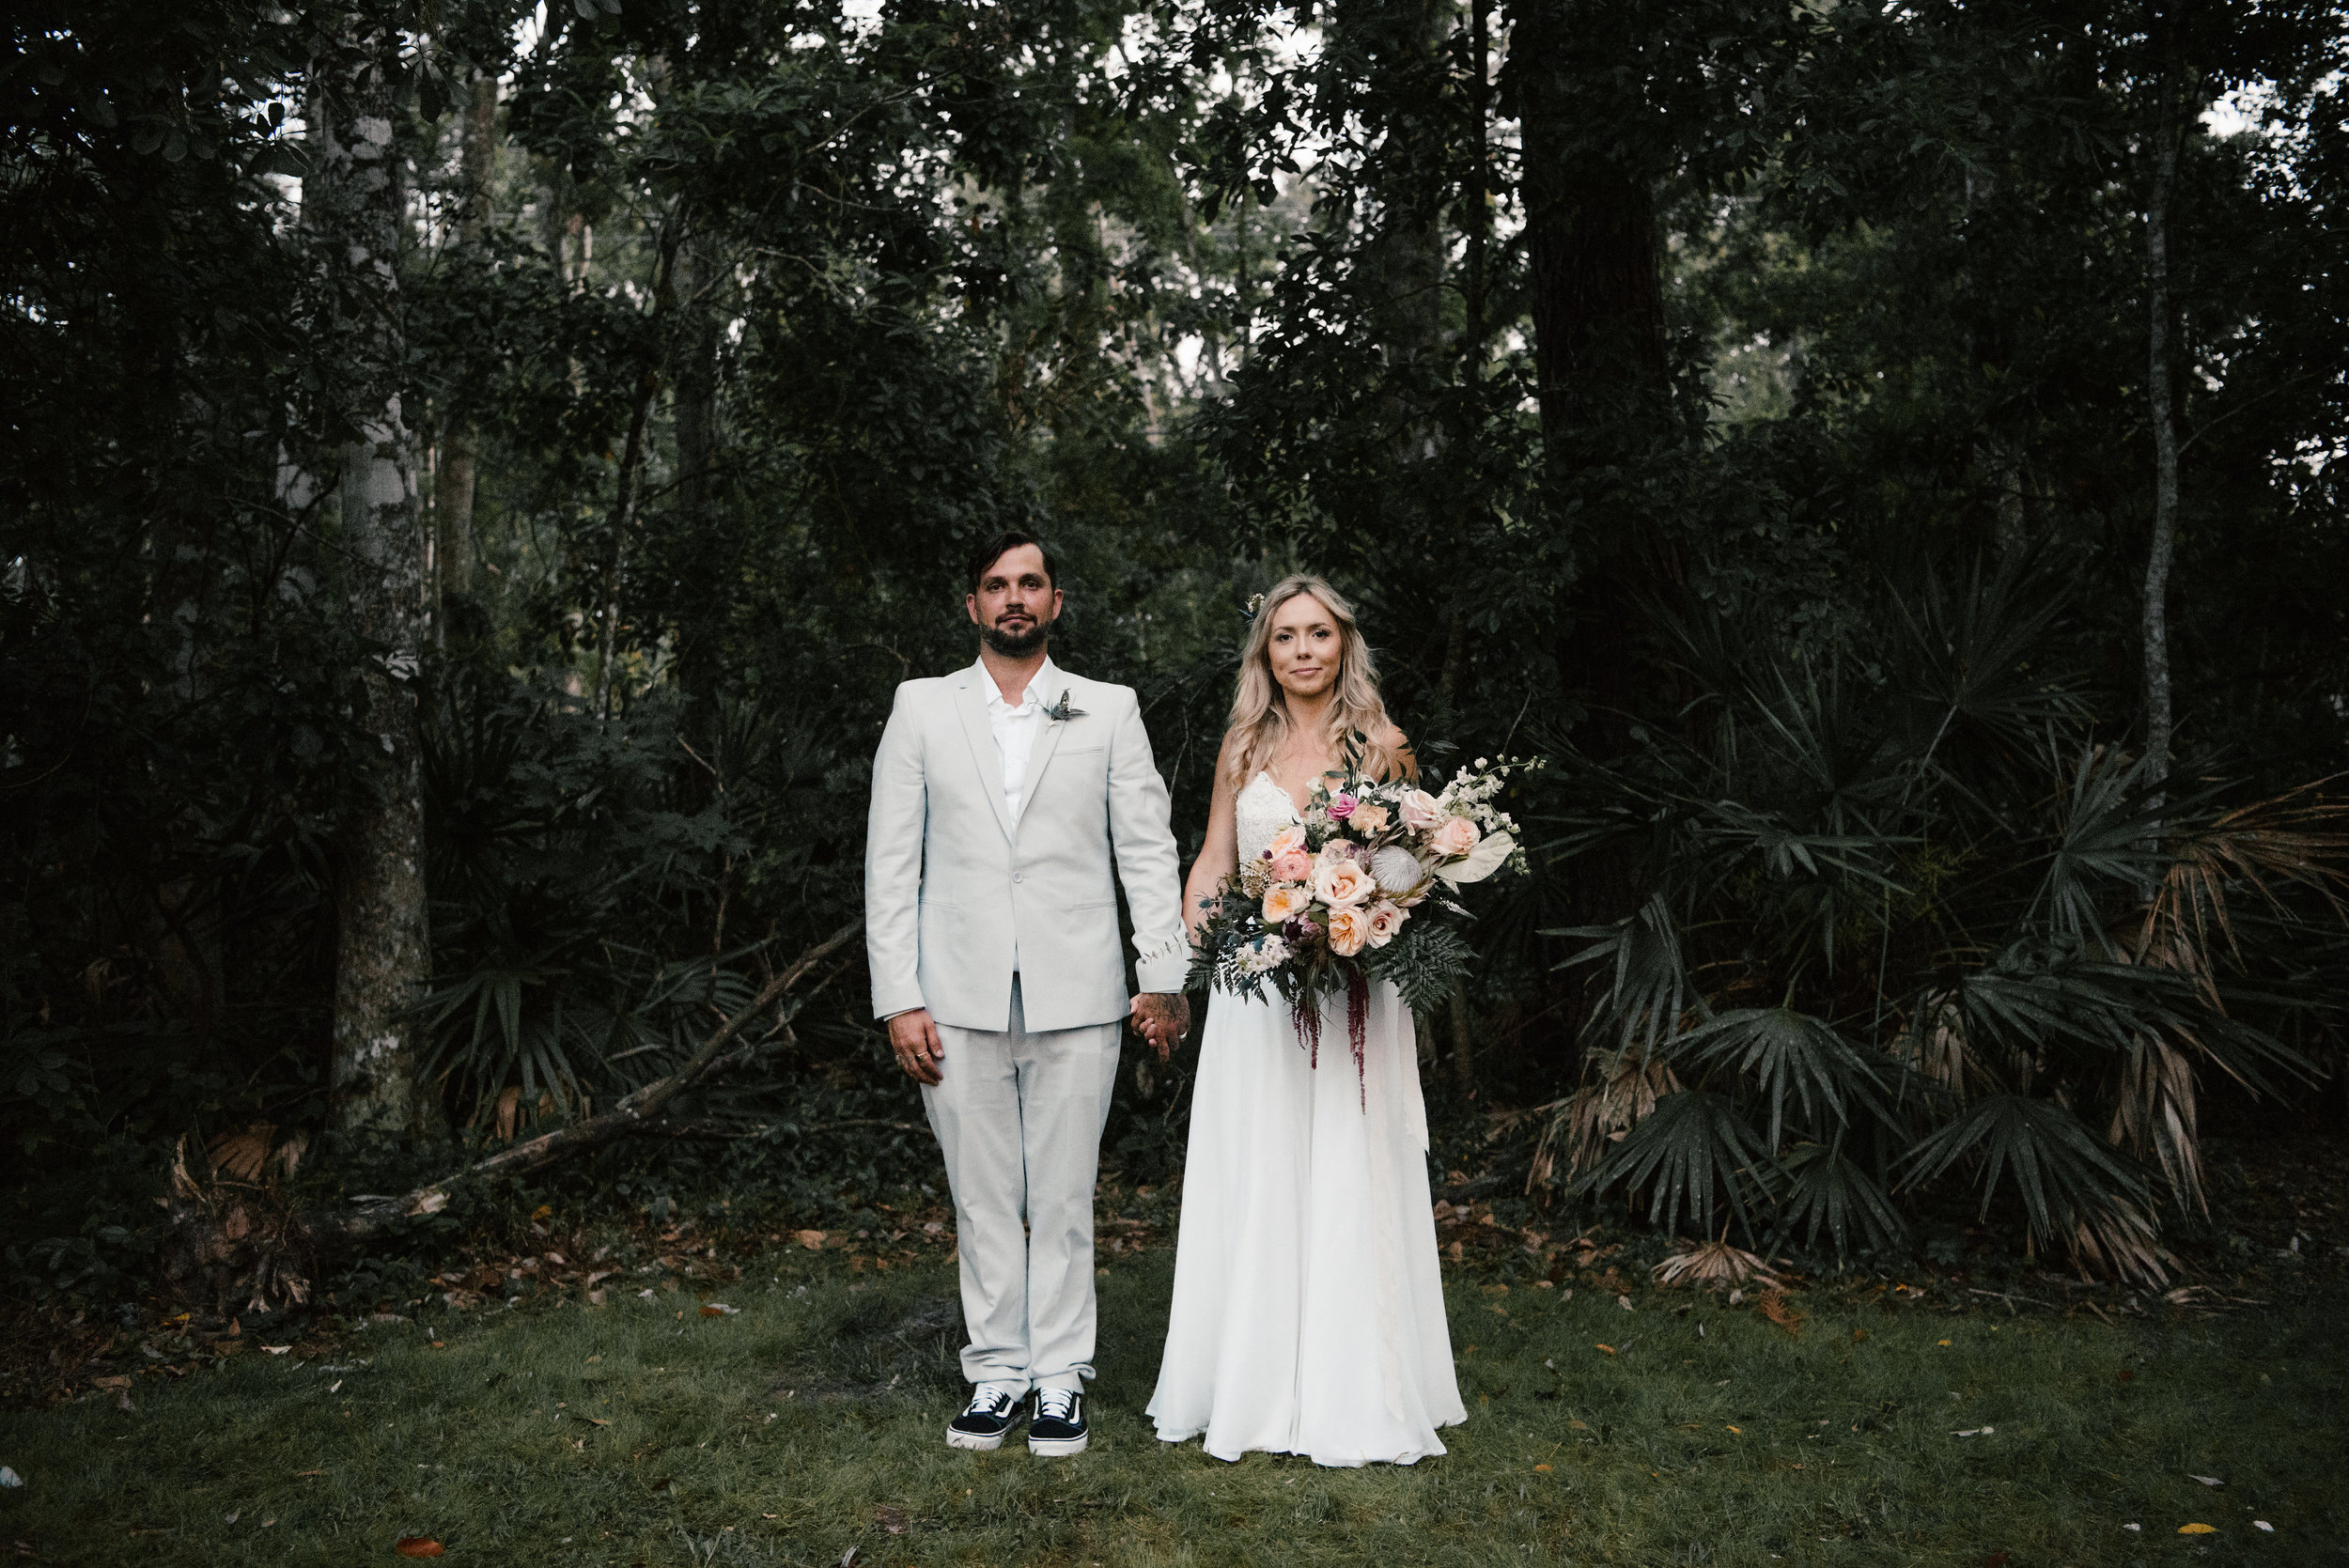 michelle-ronnie-backyard-wedding-725.jpg